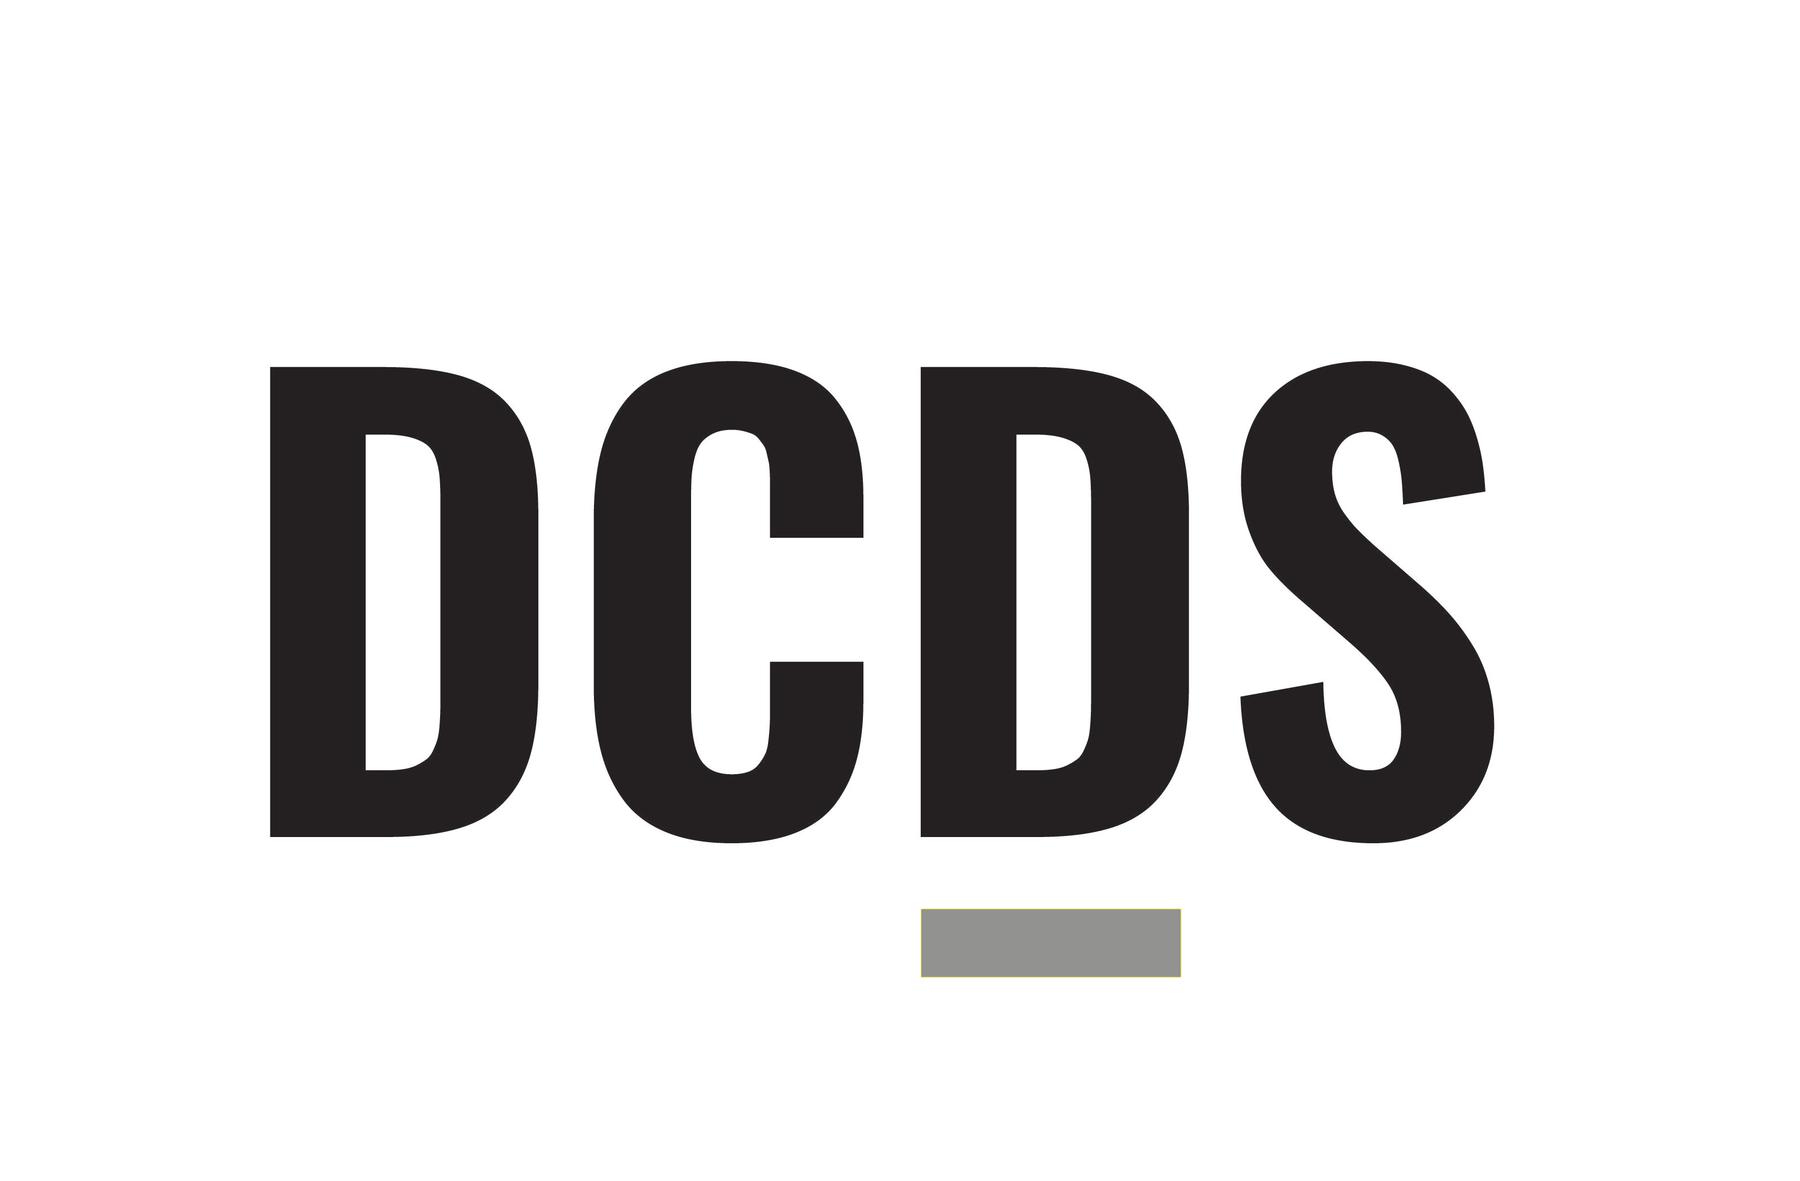 DC DEV SHOP Logo